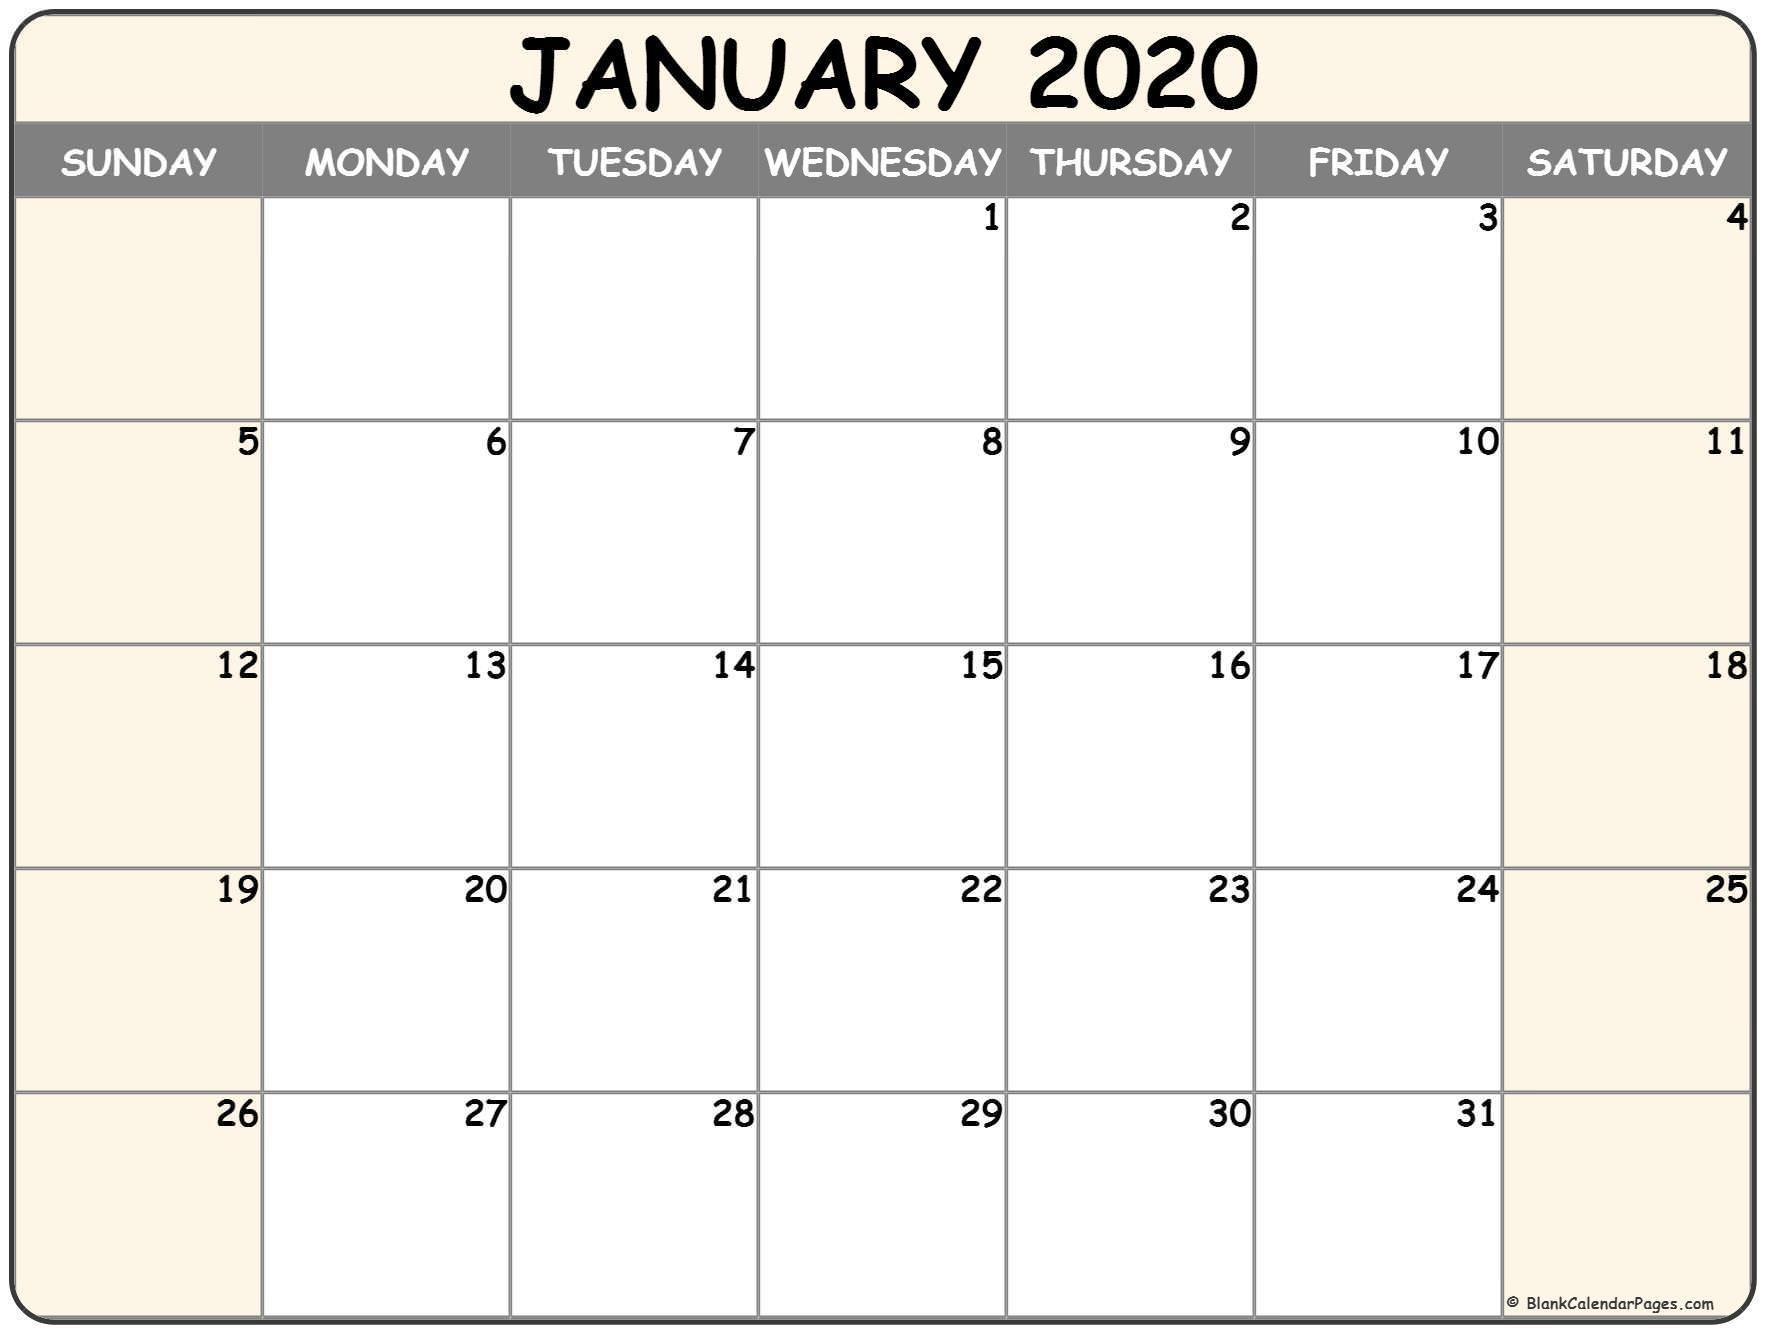 February 2020 Blank Printable Calendar January 2020 Blank Calendar Collection